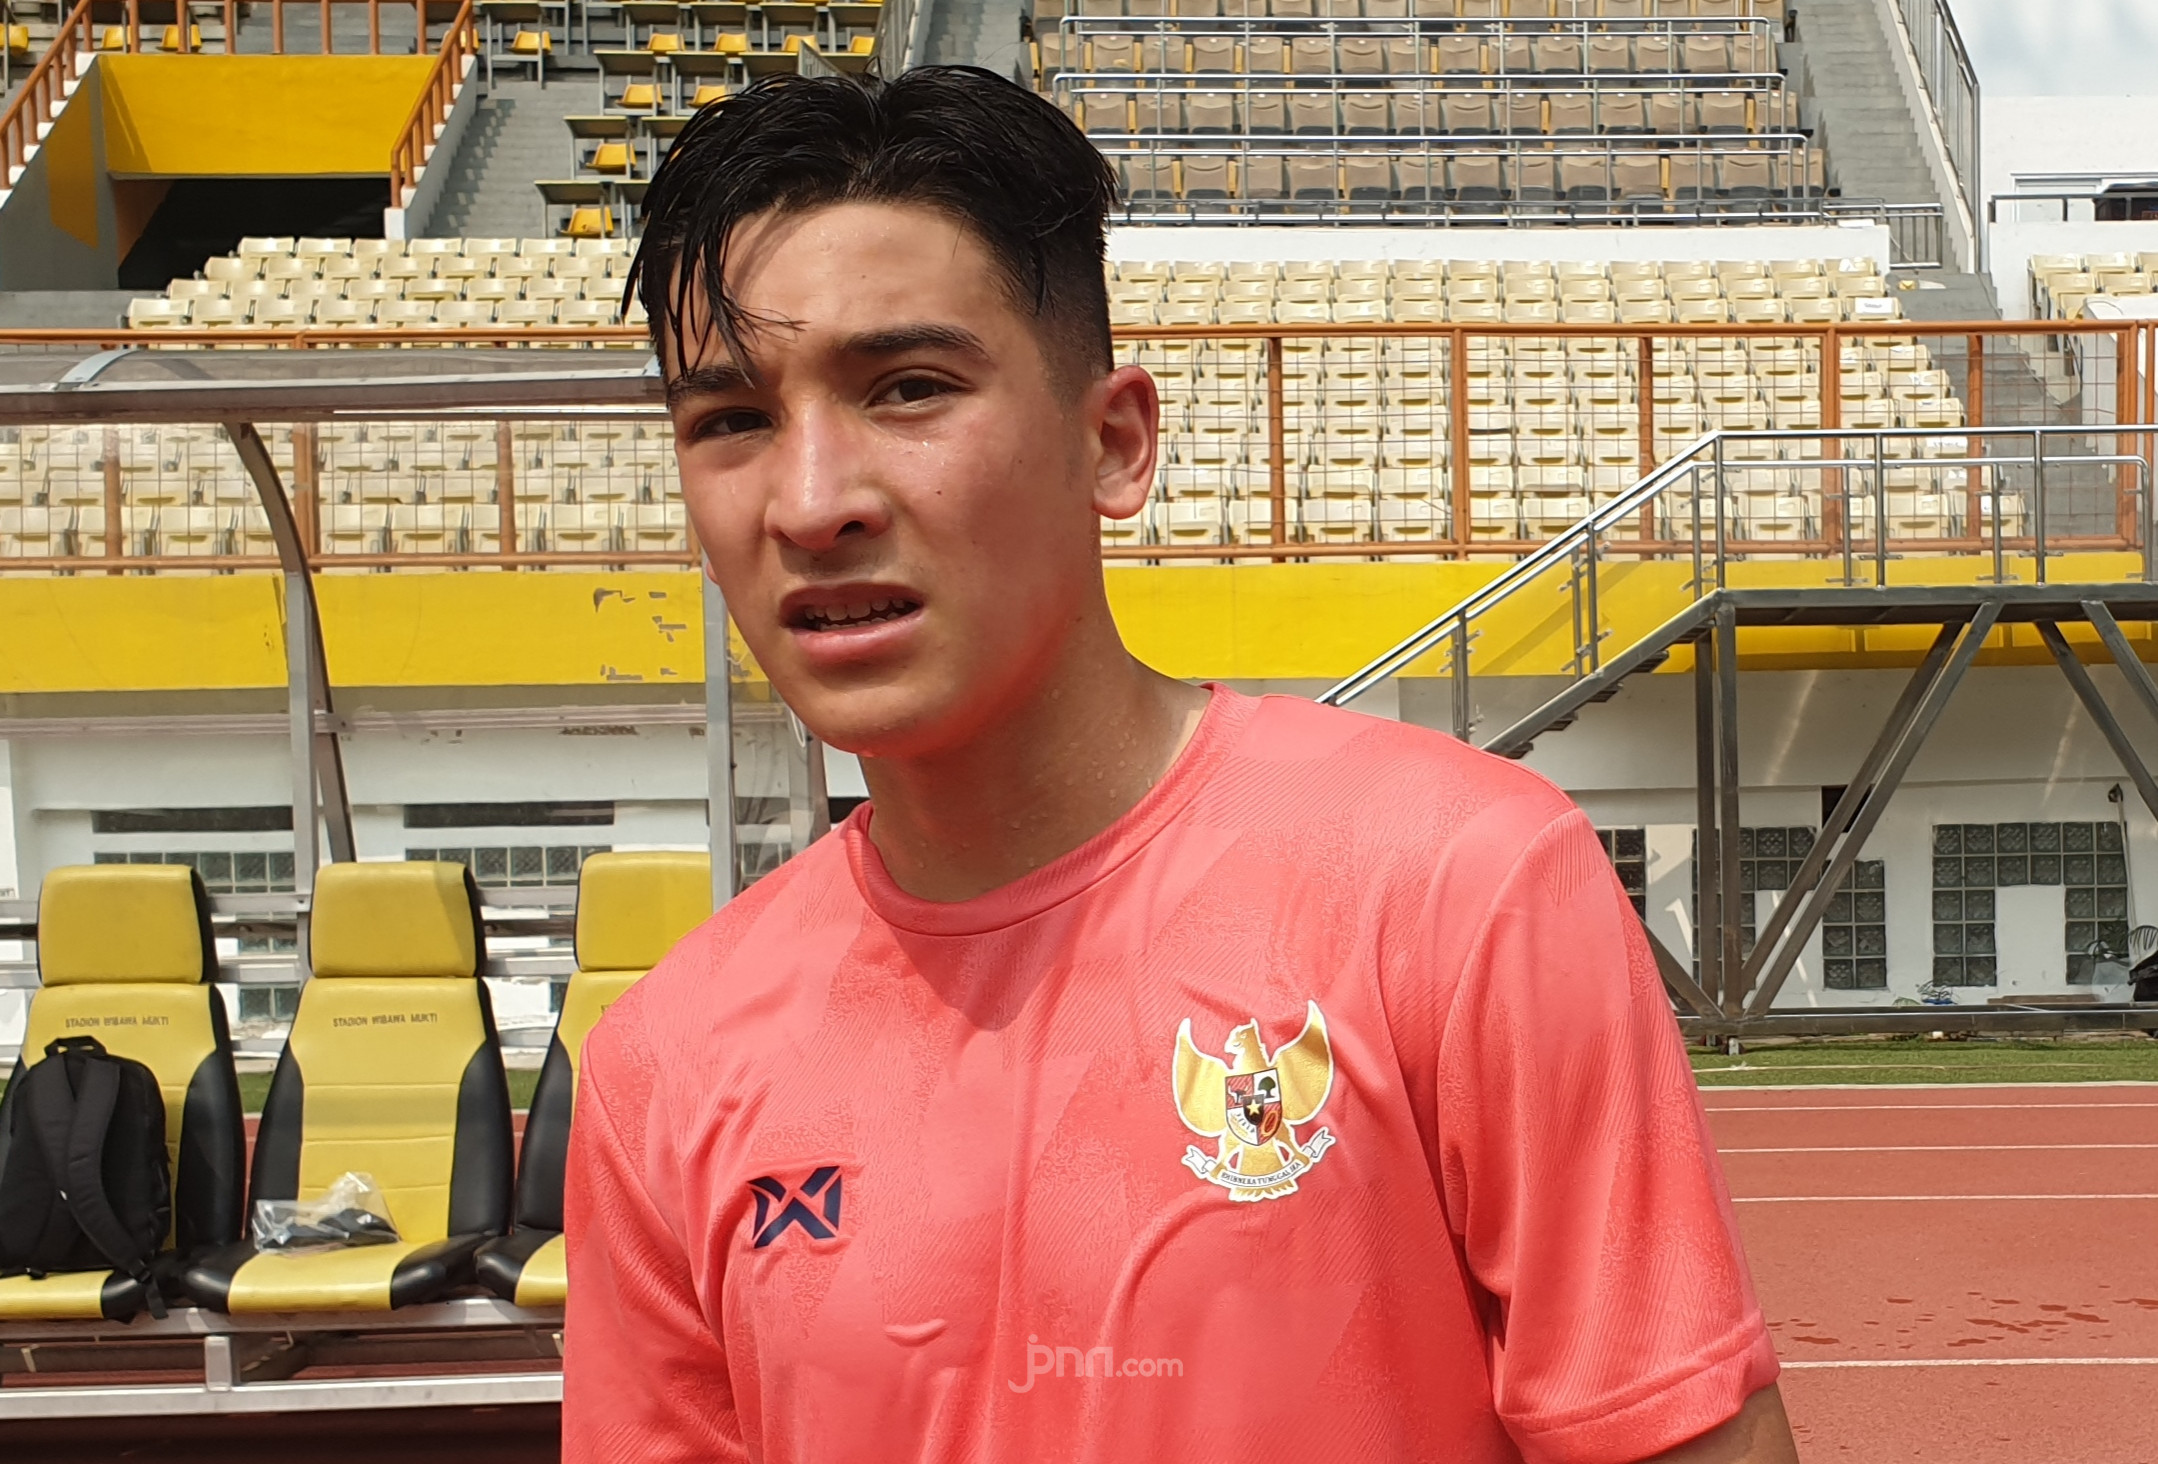 Timnas Indonesia U-19 Sudah Lima Kali Uji Coba di Kroasia, Tetapi Jack Brown Belum Pernah Diturunkan - JPNN.com